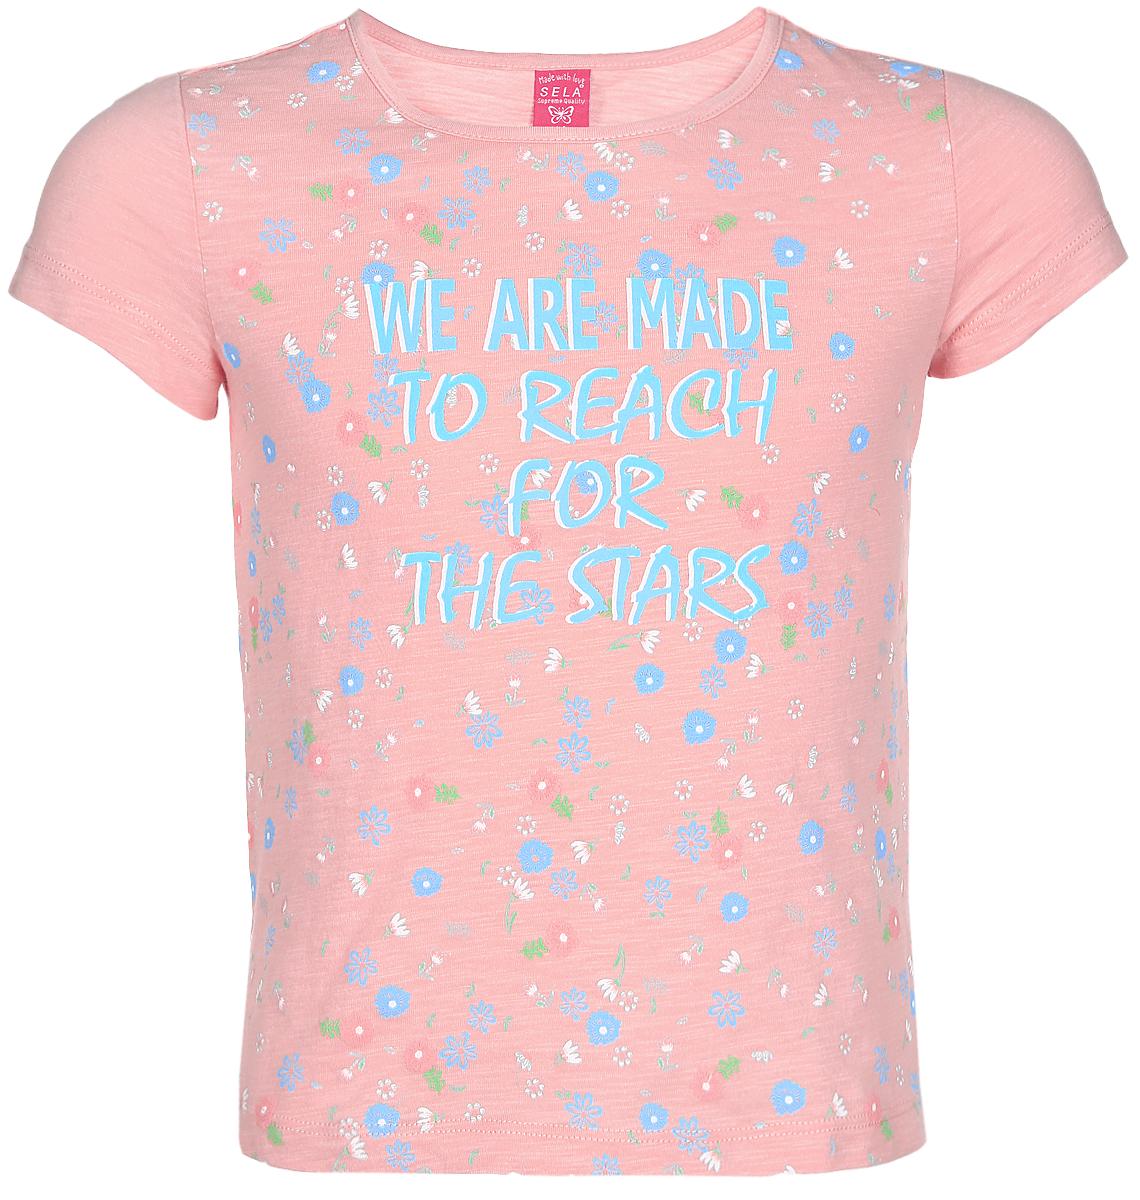 Футболка для девочки Sela, цвет: персиковый. Ts-611/625-7151. Размер 152, 12 летTs-611/625-7151Футболка для девочки Sela изготовлена из высококачественного натурального хлопка. Модель с короткими рукавами и круглым вырезом горловины украшена ярким цветочным принтом и надписью We Are Made To Reach For The Stars.